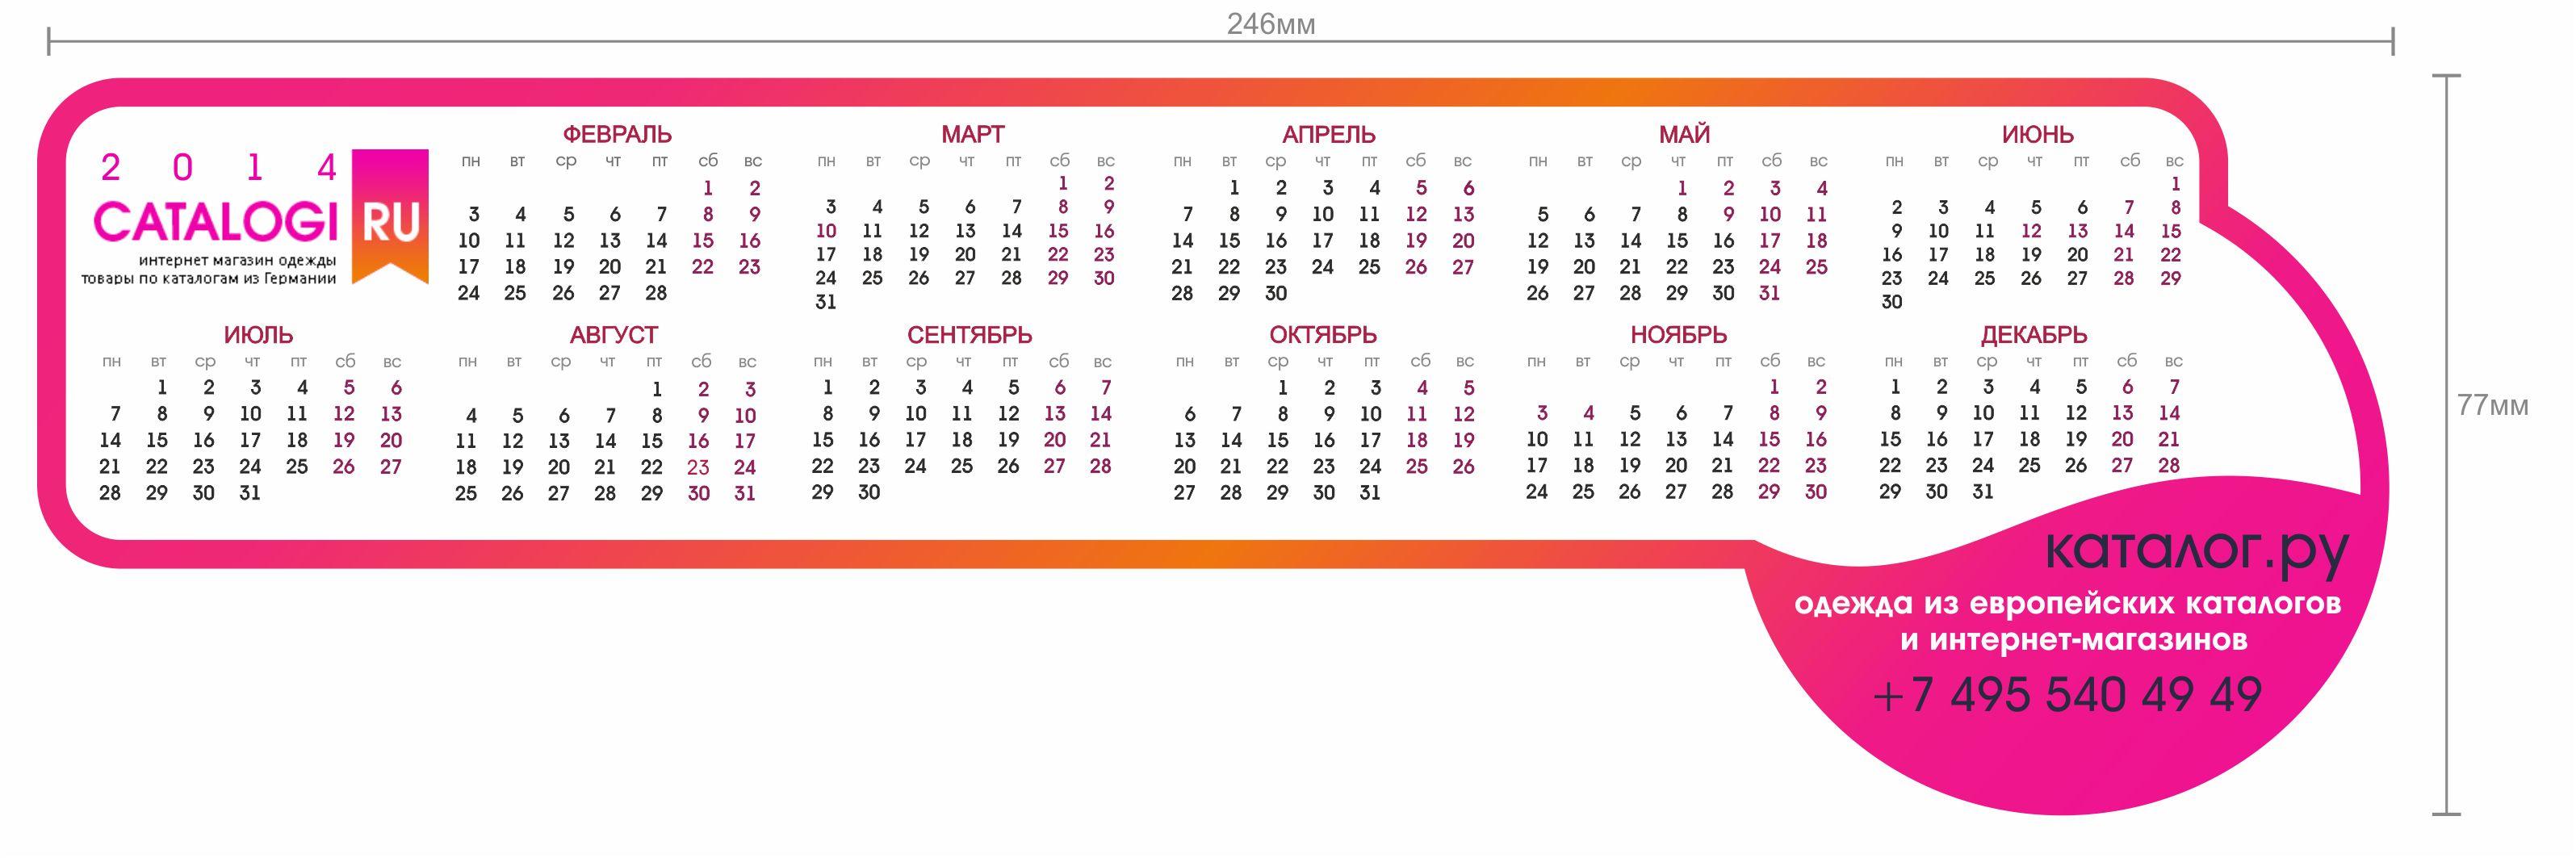 Календарик на монитор Catalogi.ru - дизайнер LiebeMarina